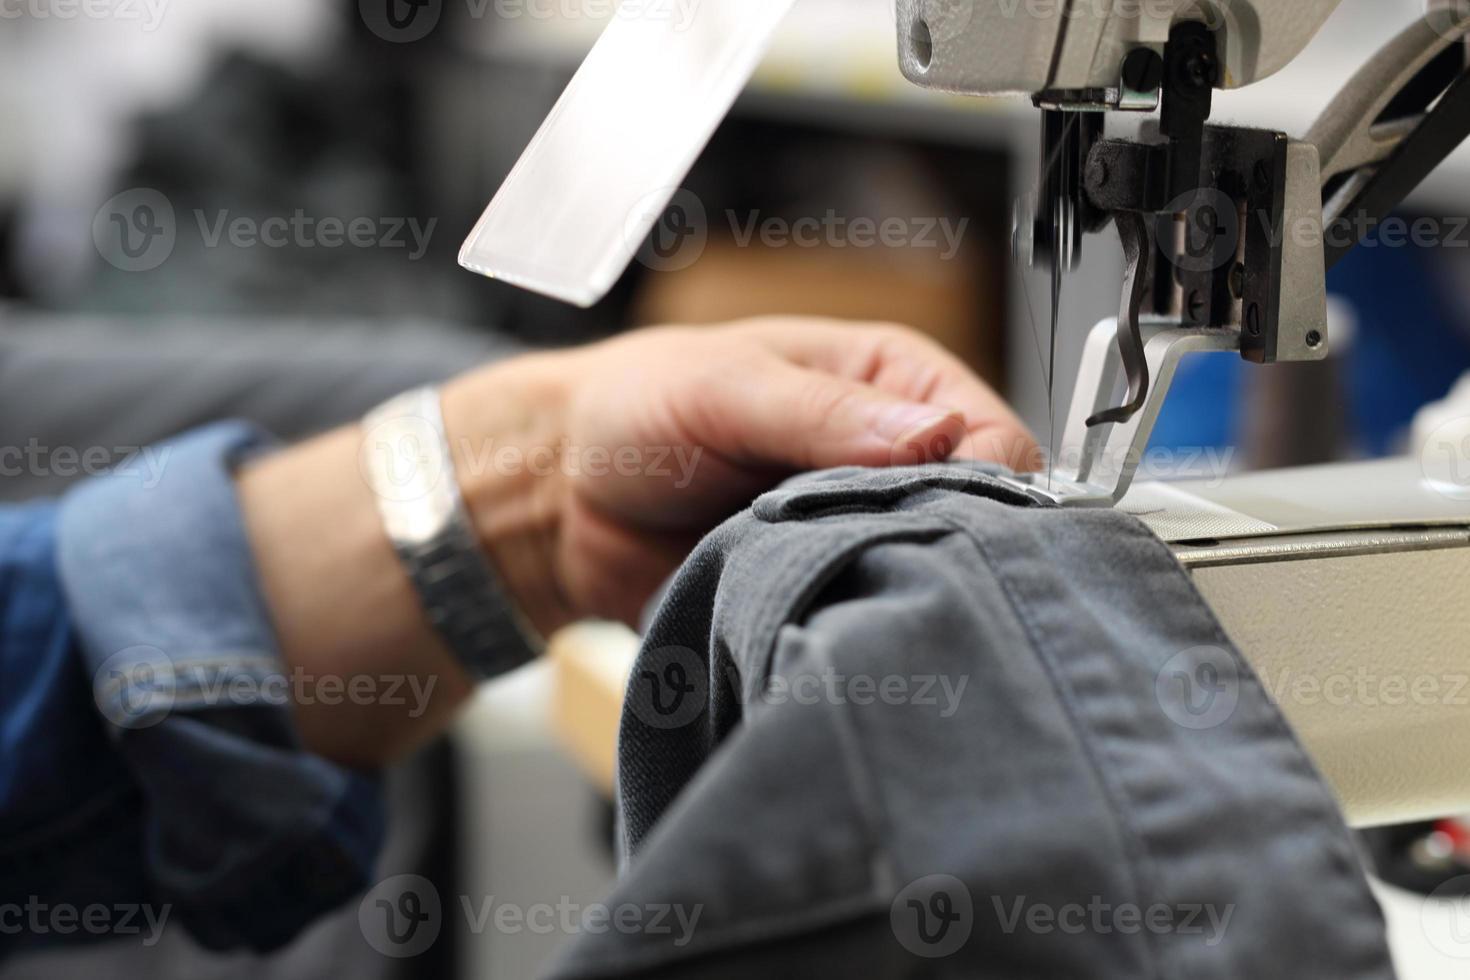 cosiendo en una máquina. foto